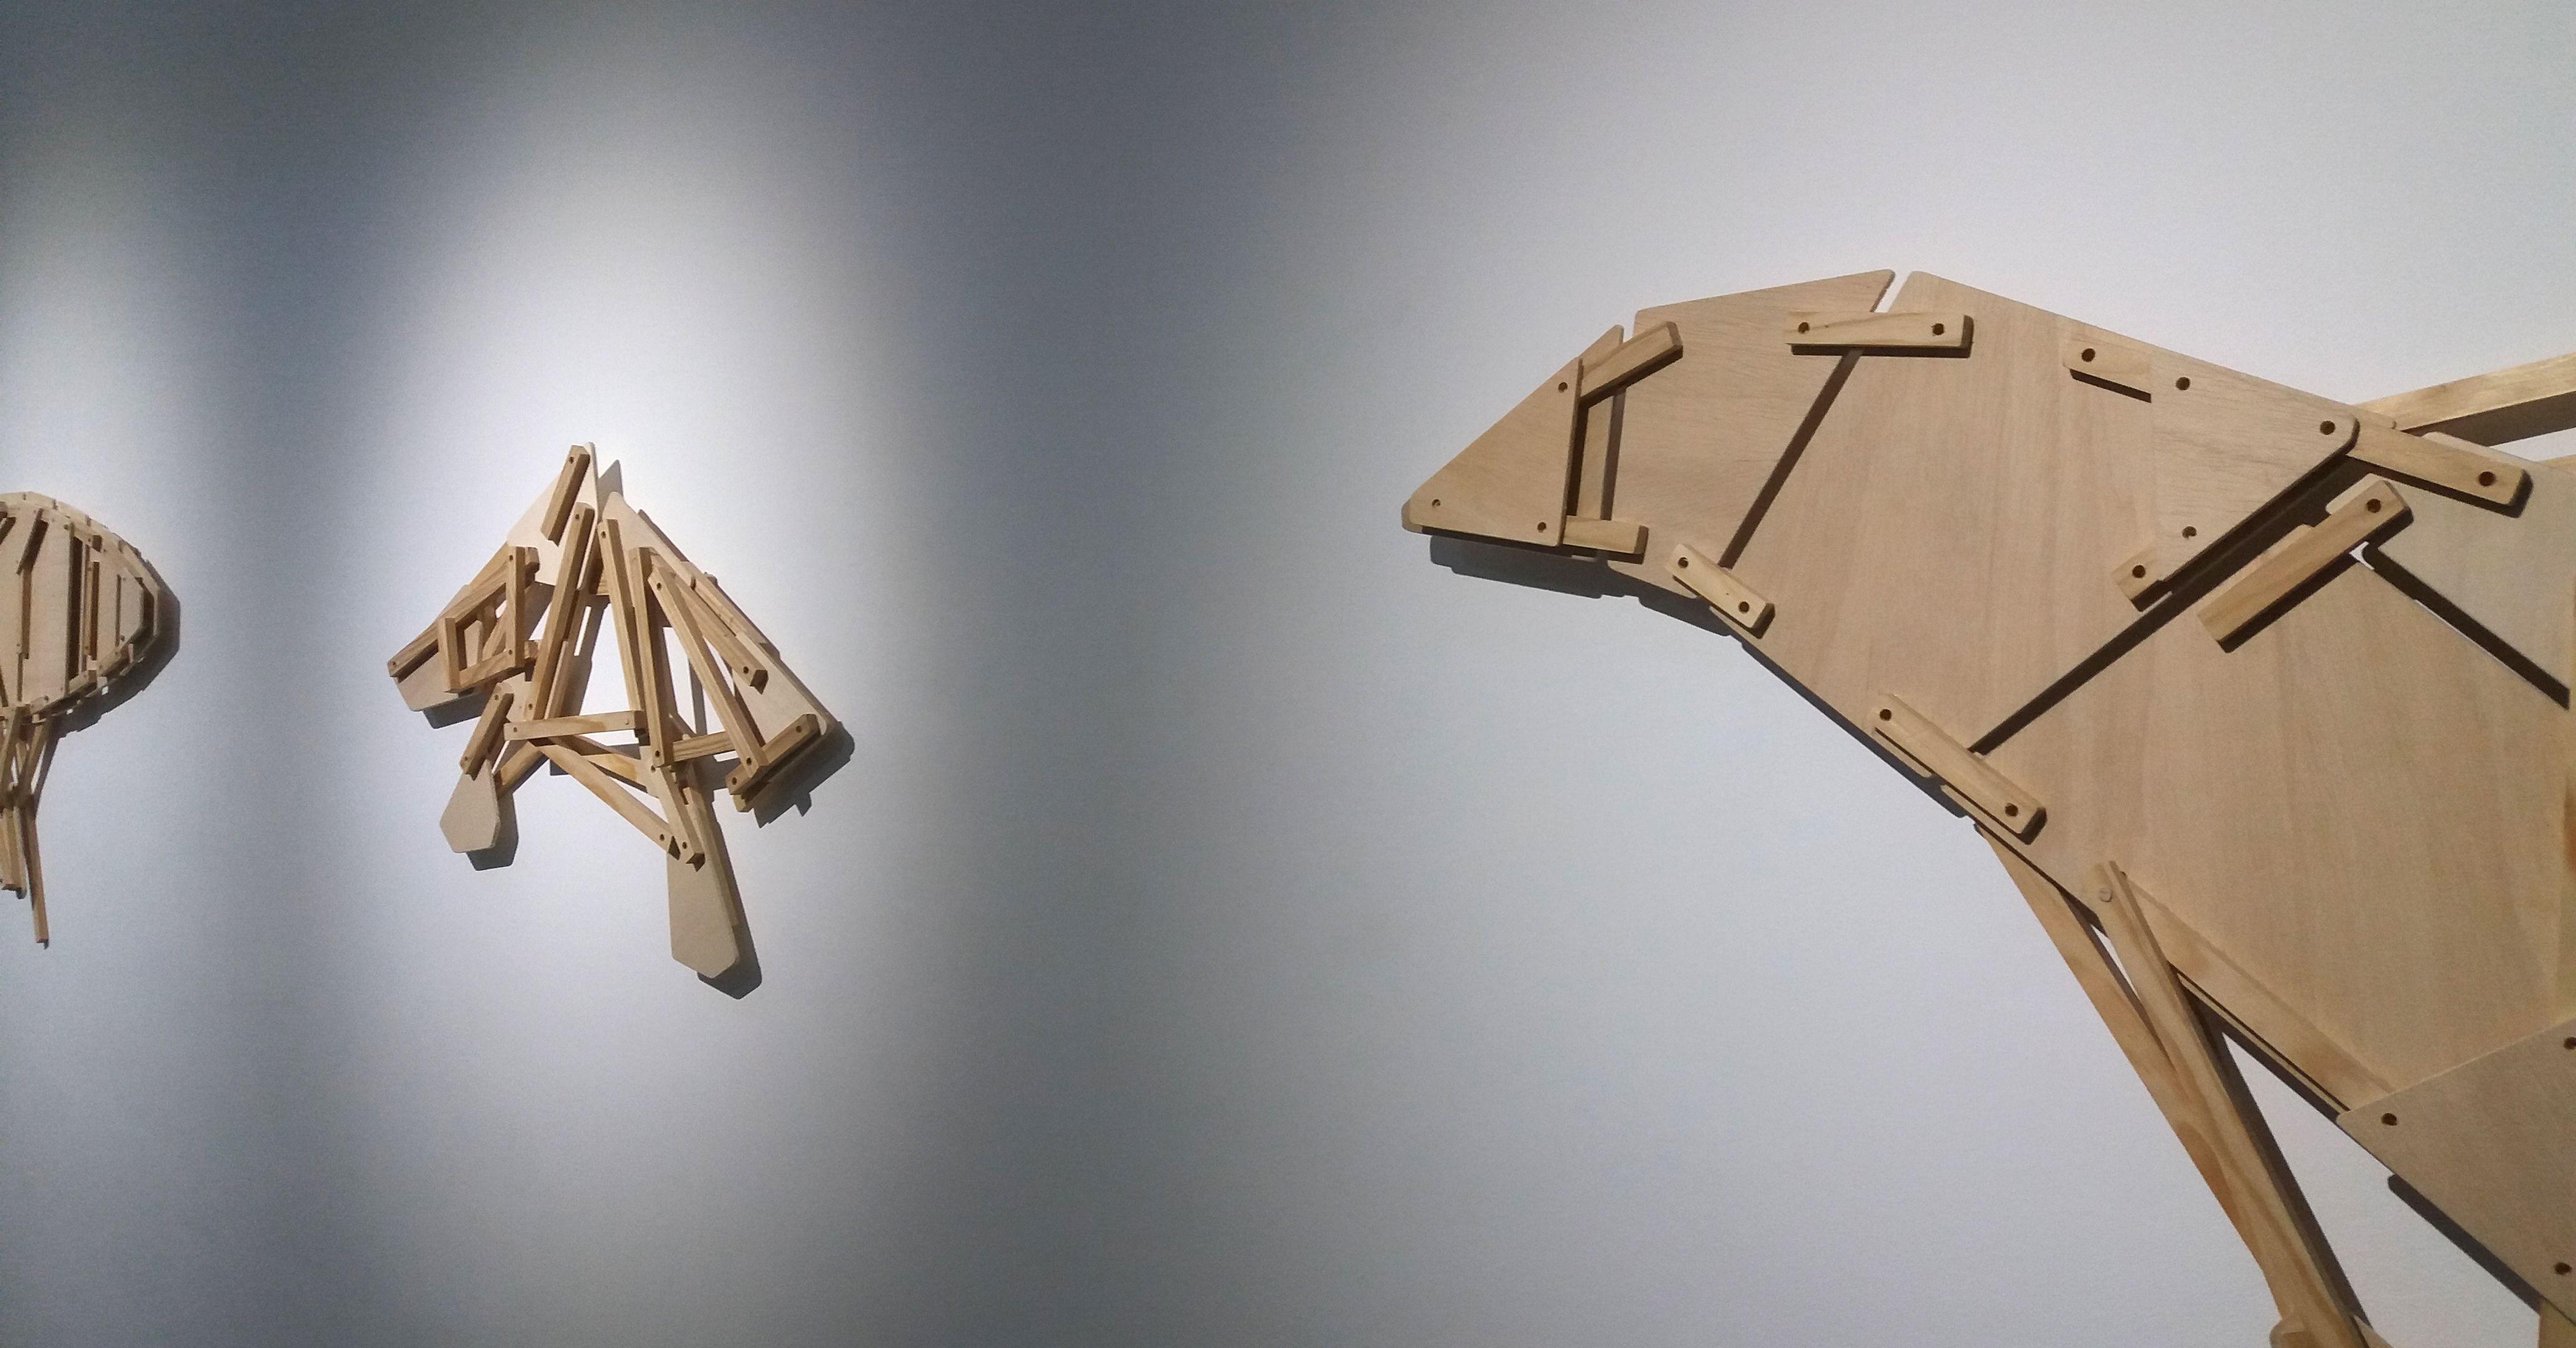 Vista general de la exposición. Collage de madera.